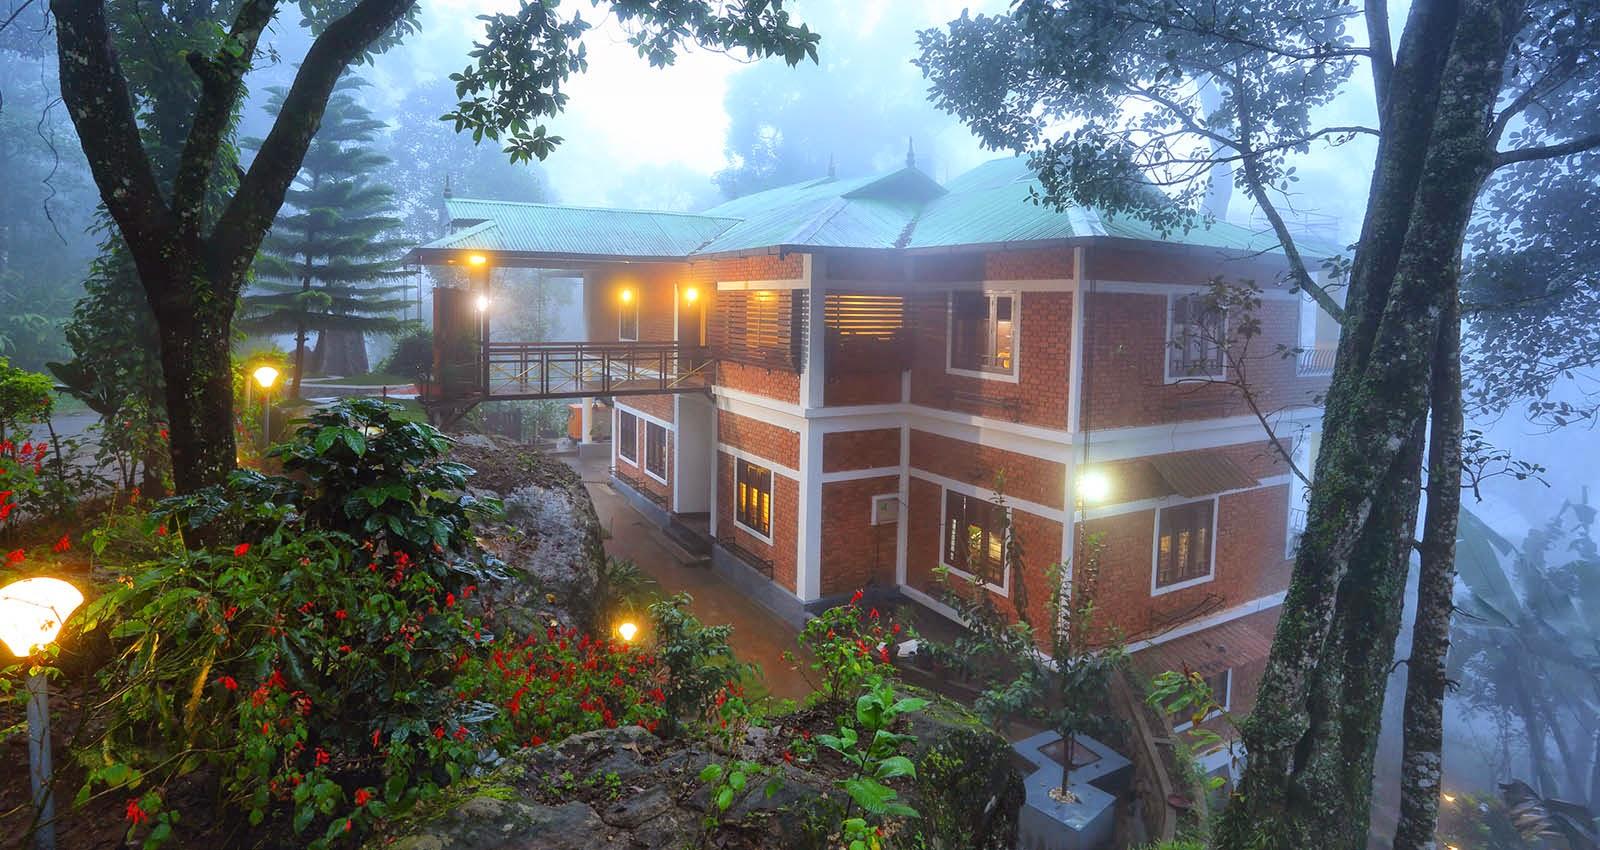 madhumanthra honeymoon resorts munnar, madhu mantra resorts munnar, best discounts for madhumantra resorts munnar